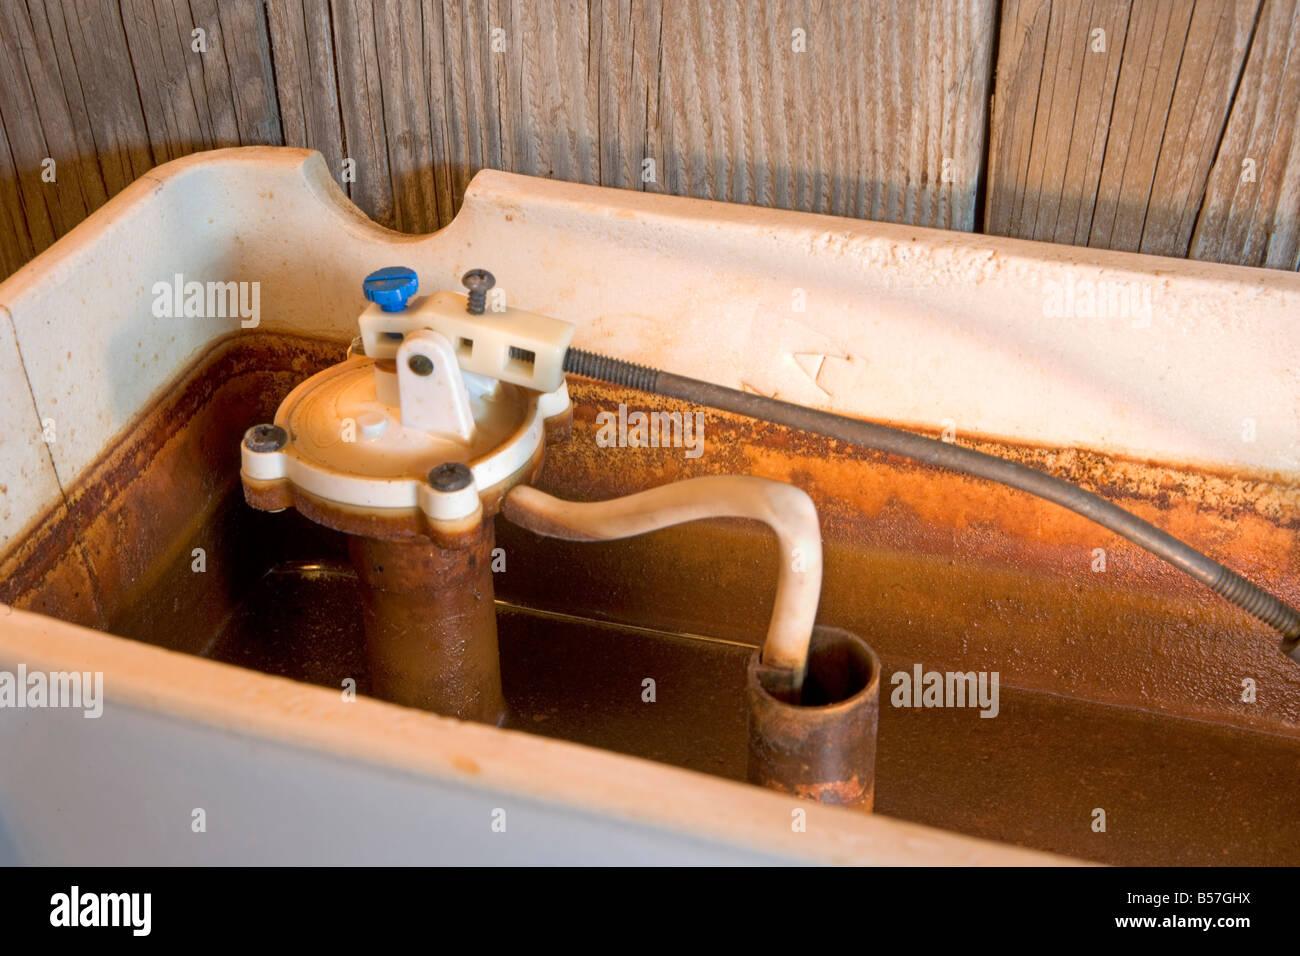 Toilet Tank Stock Photos & Toilet Tank Stock Images - Alamy